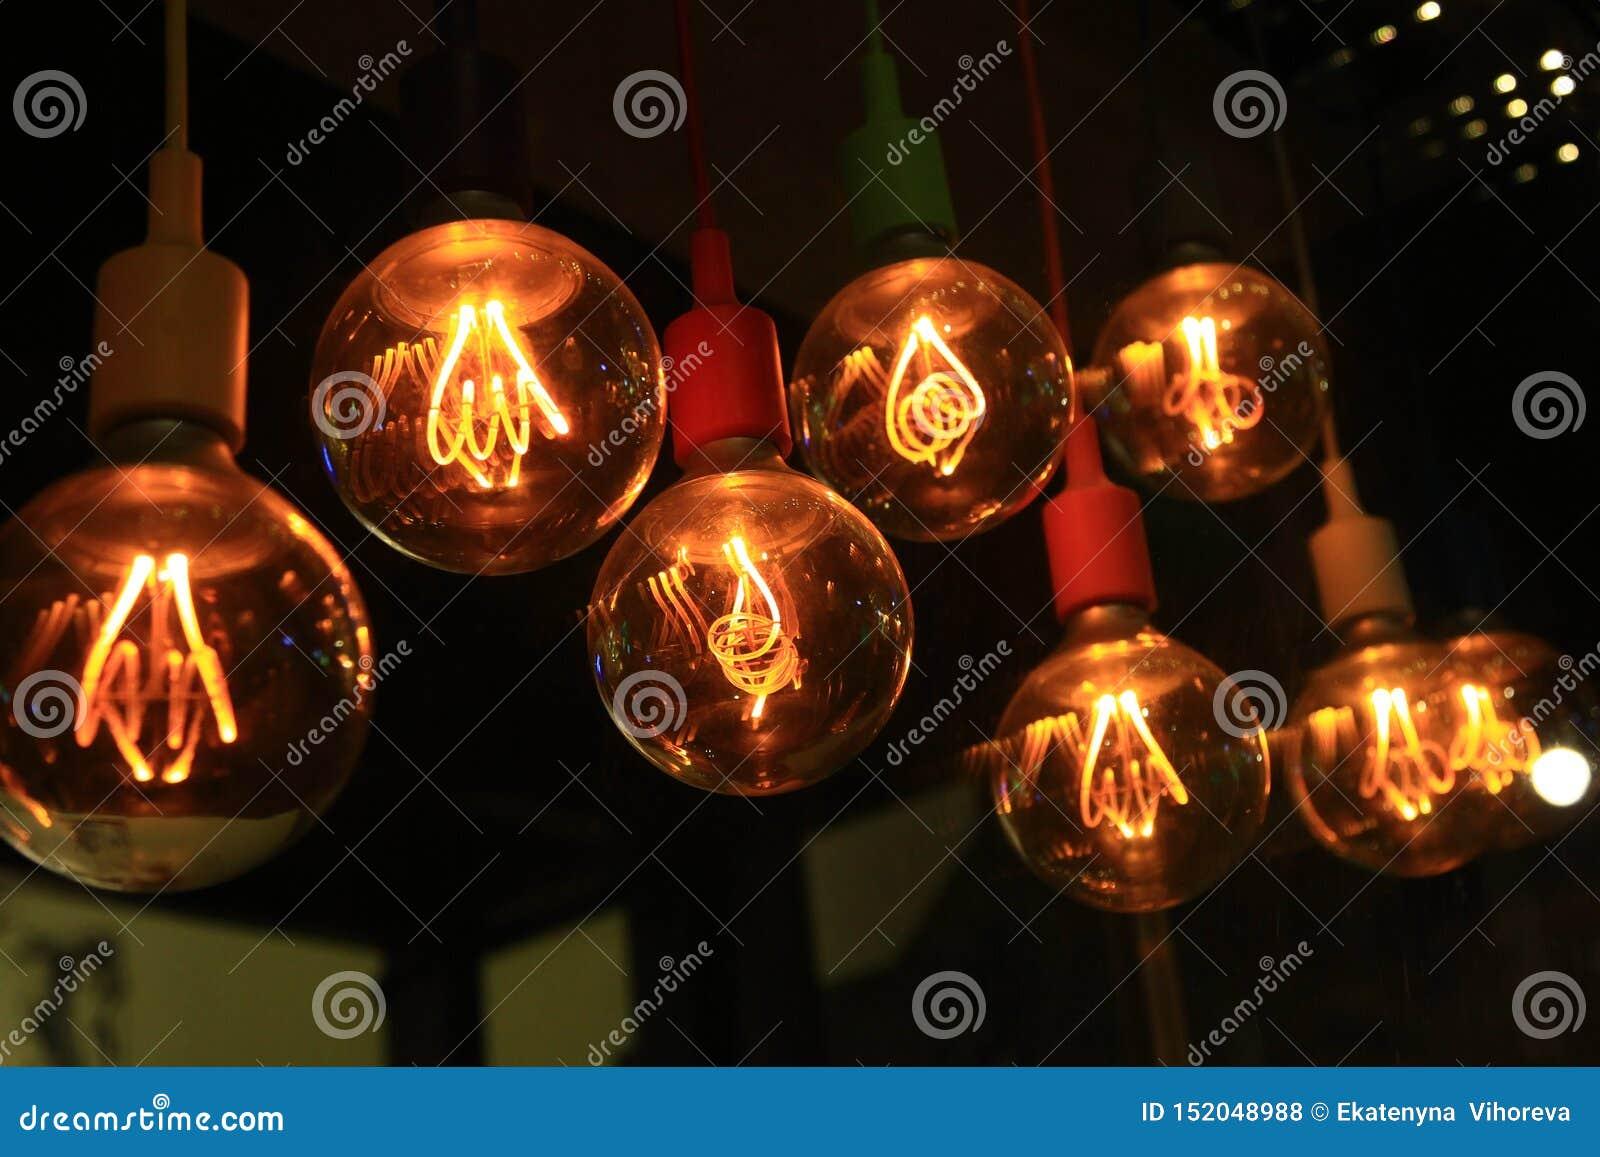 Een reeks ouderwetse gloeiende bollen die op het plafond hangen